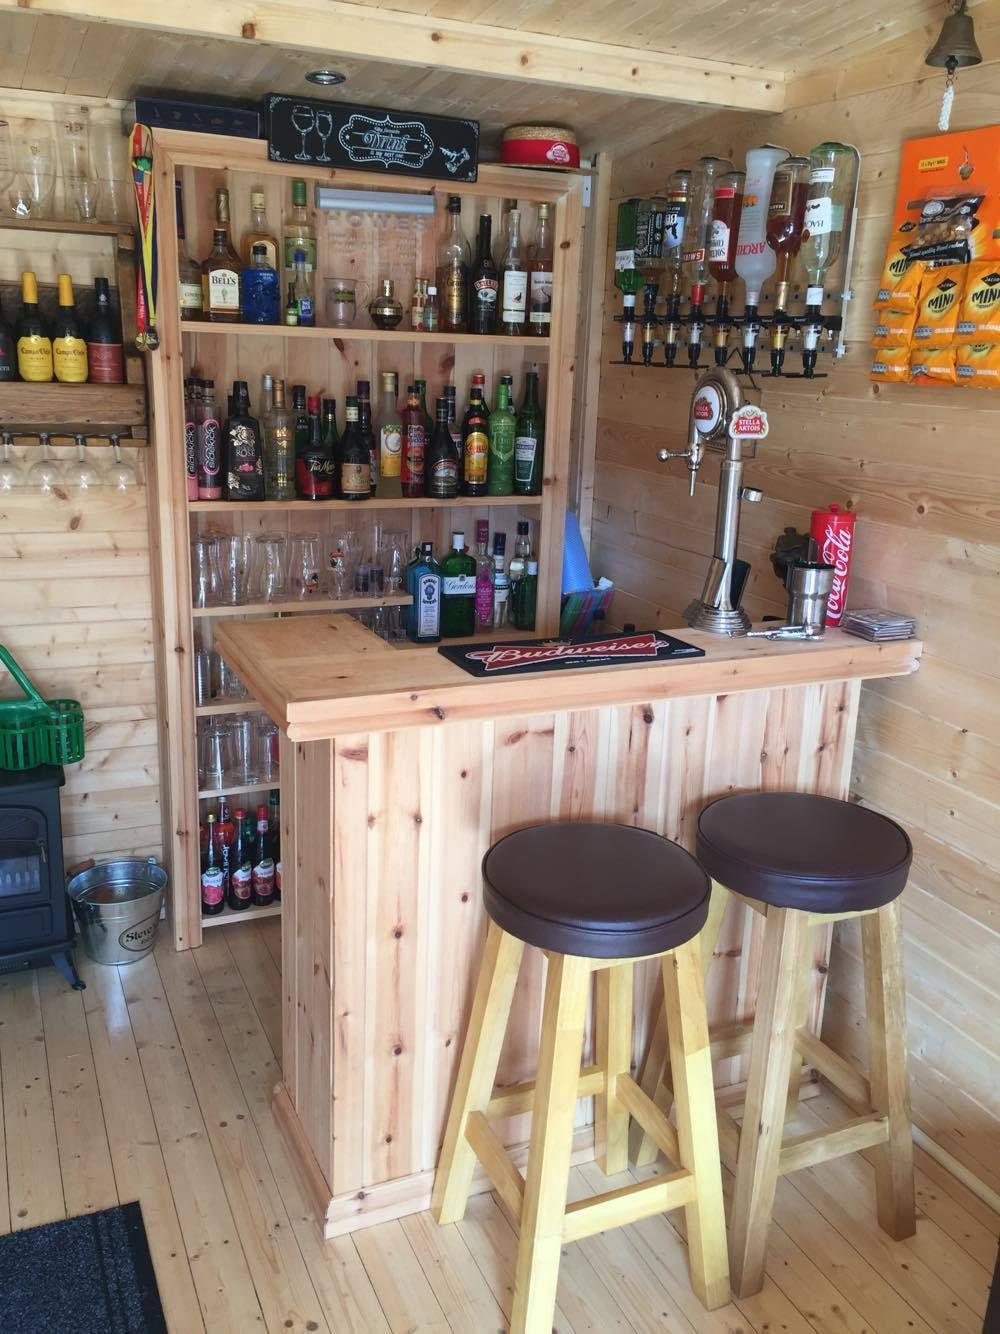 Customer Reviews: PremiumPlus Carsare | Bar lounge, Things happen ...